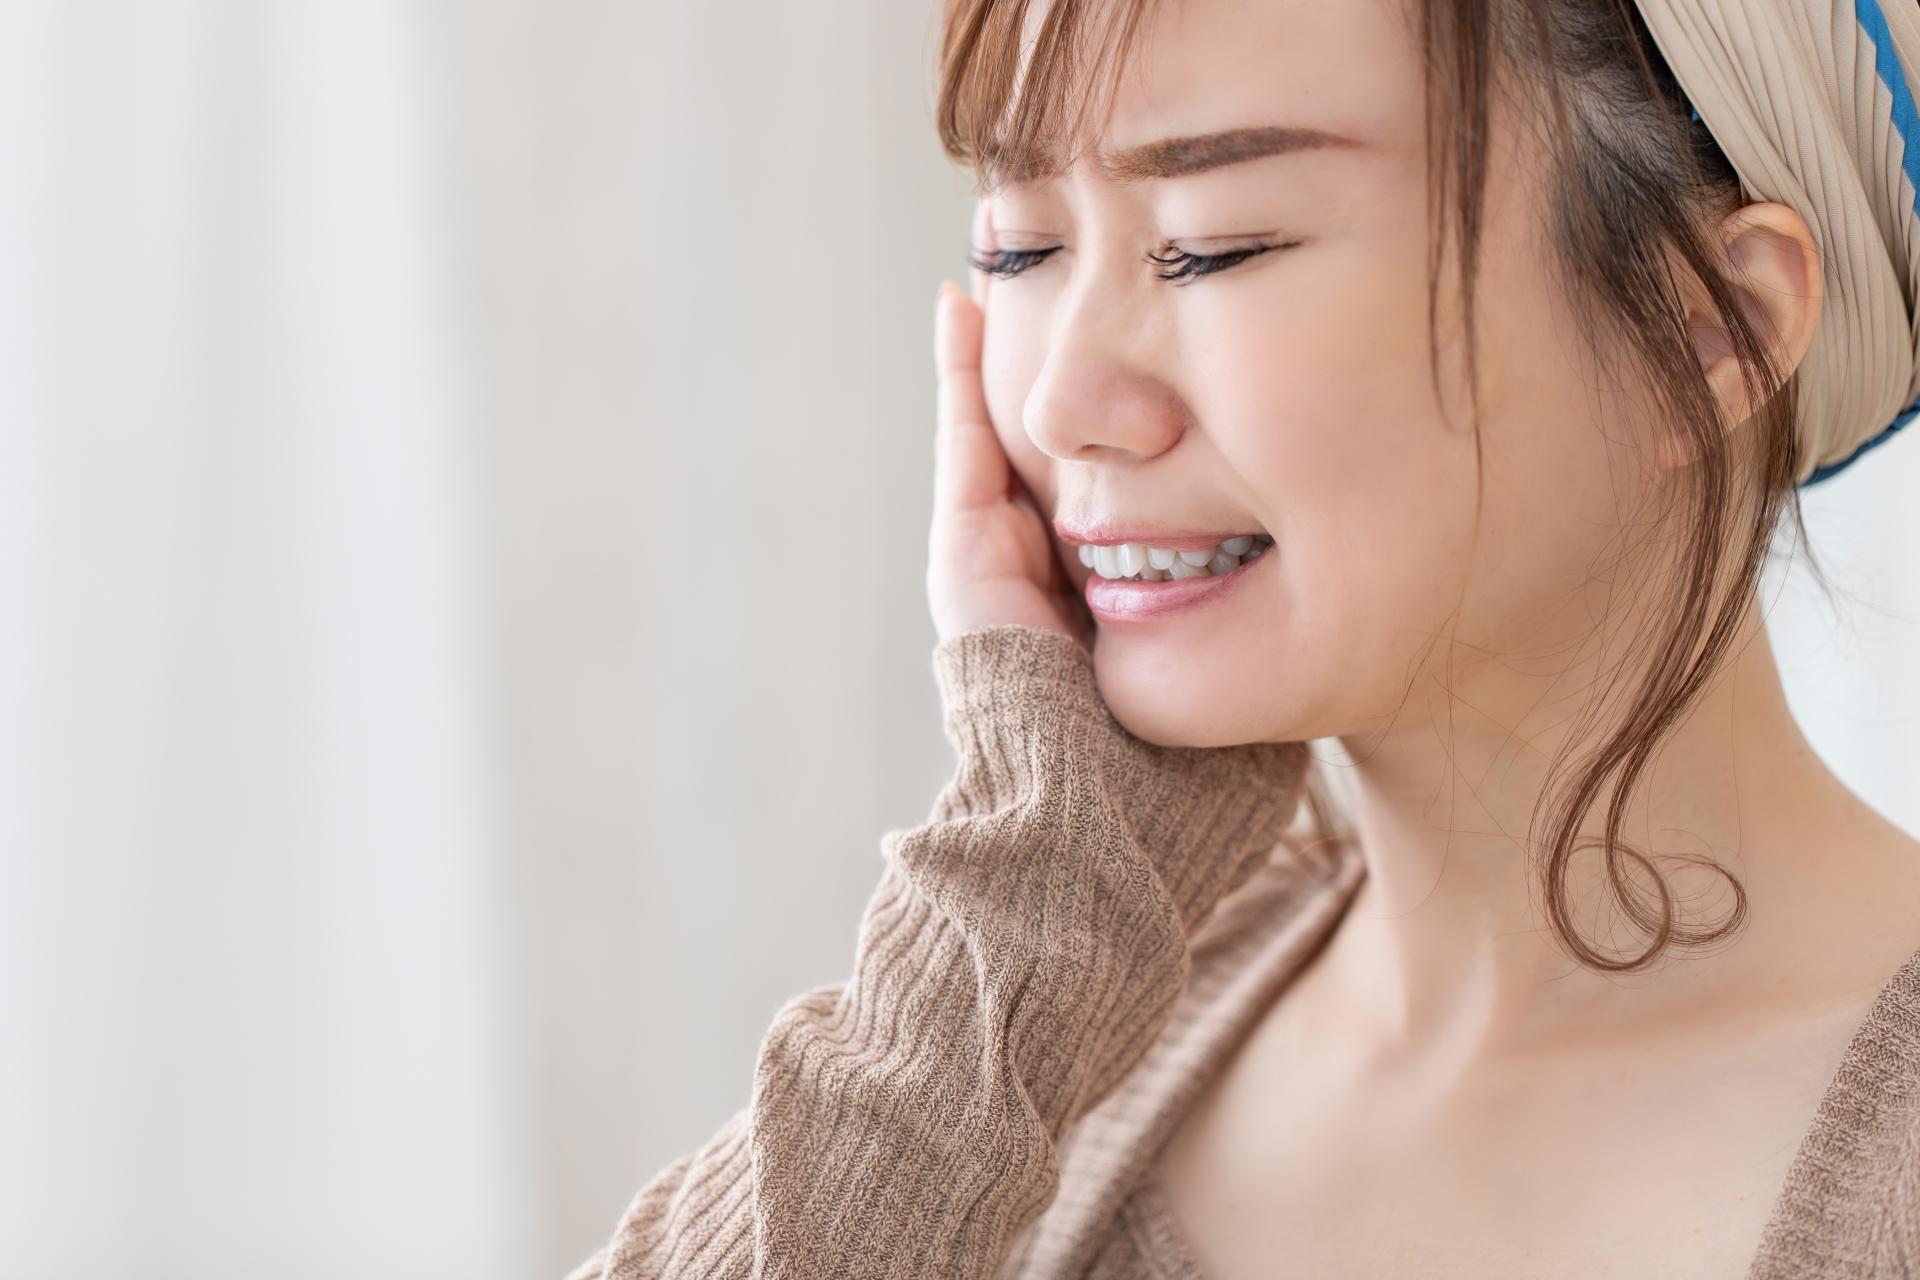 インビザライン 痛み